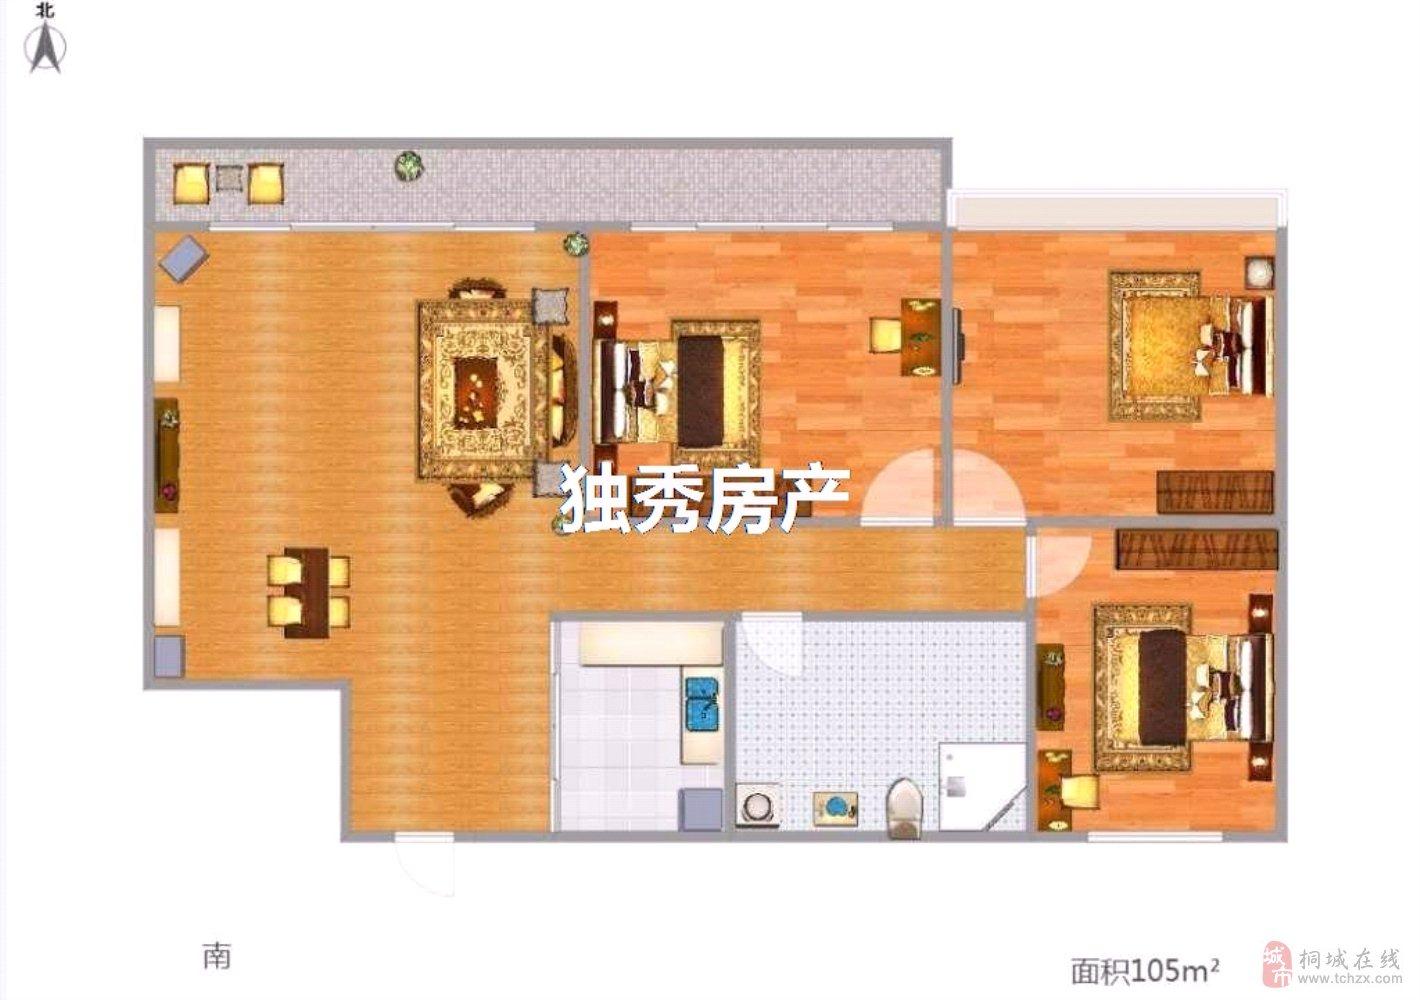 出售上和家园精装房3室2厅1卫85万元